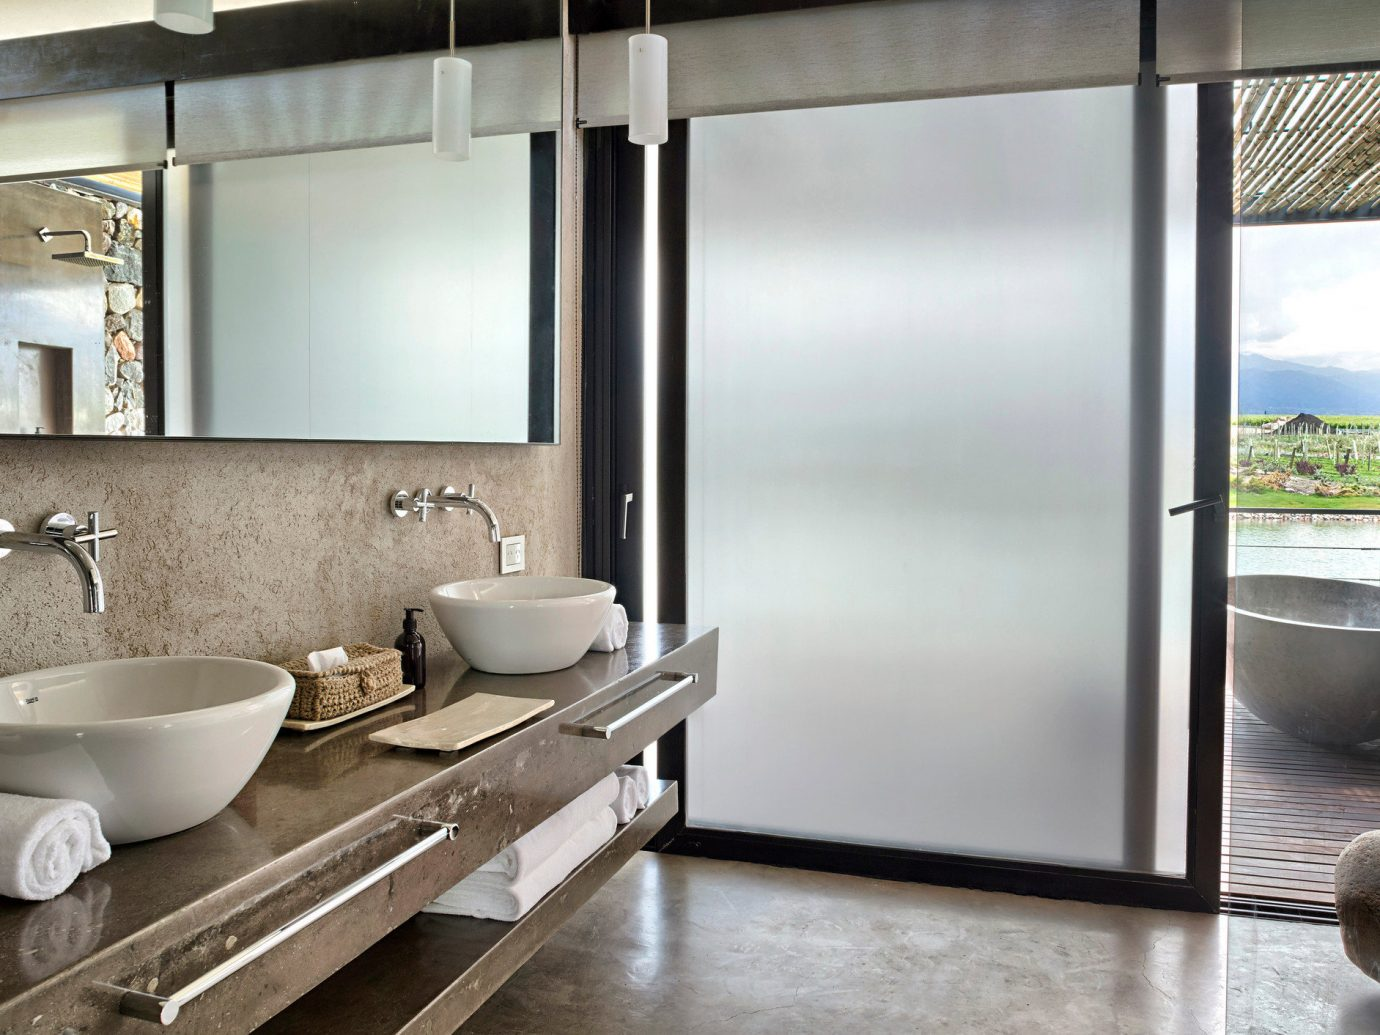 Food + Drink Hotels indoor floor bathroom room interior design window sink home loft flooring interior designer